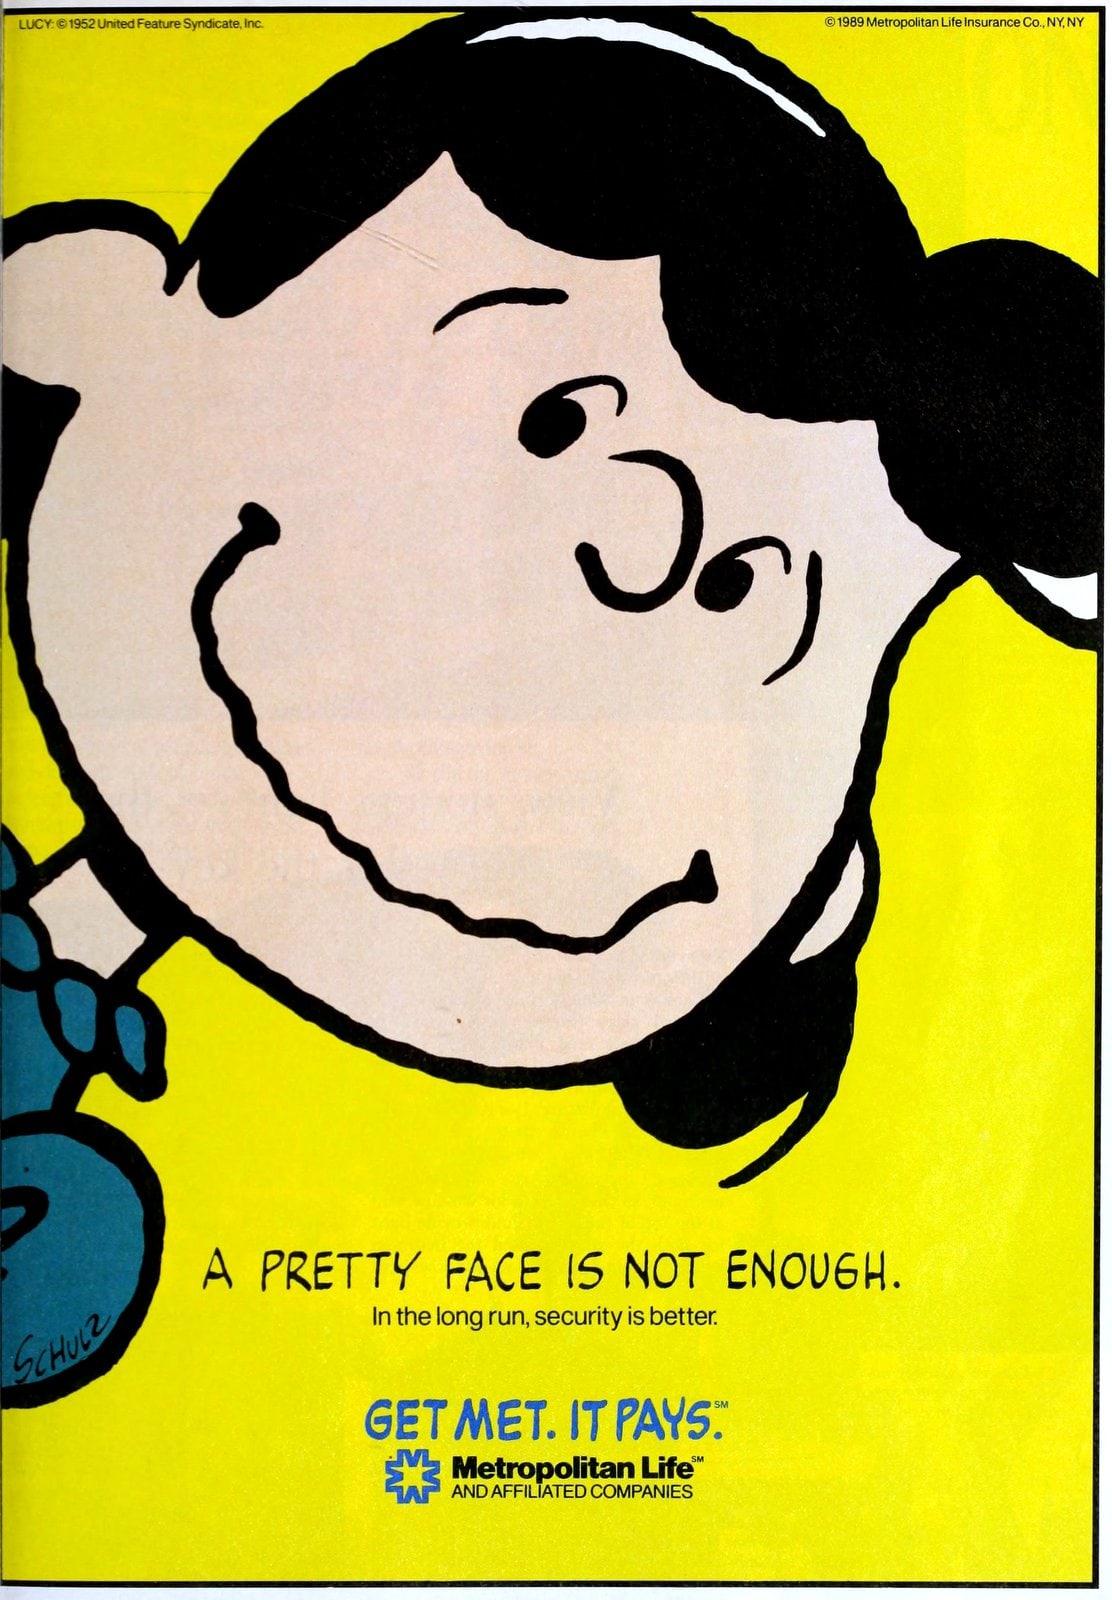 Lucy Van Pelt - Peanuts for Met Life (1989)